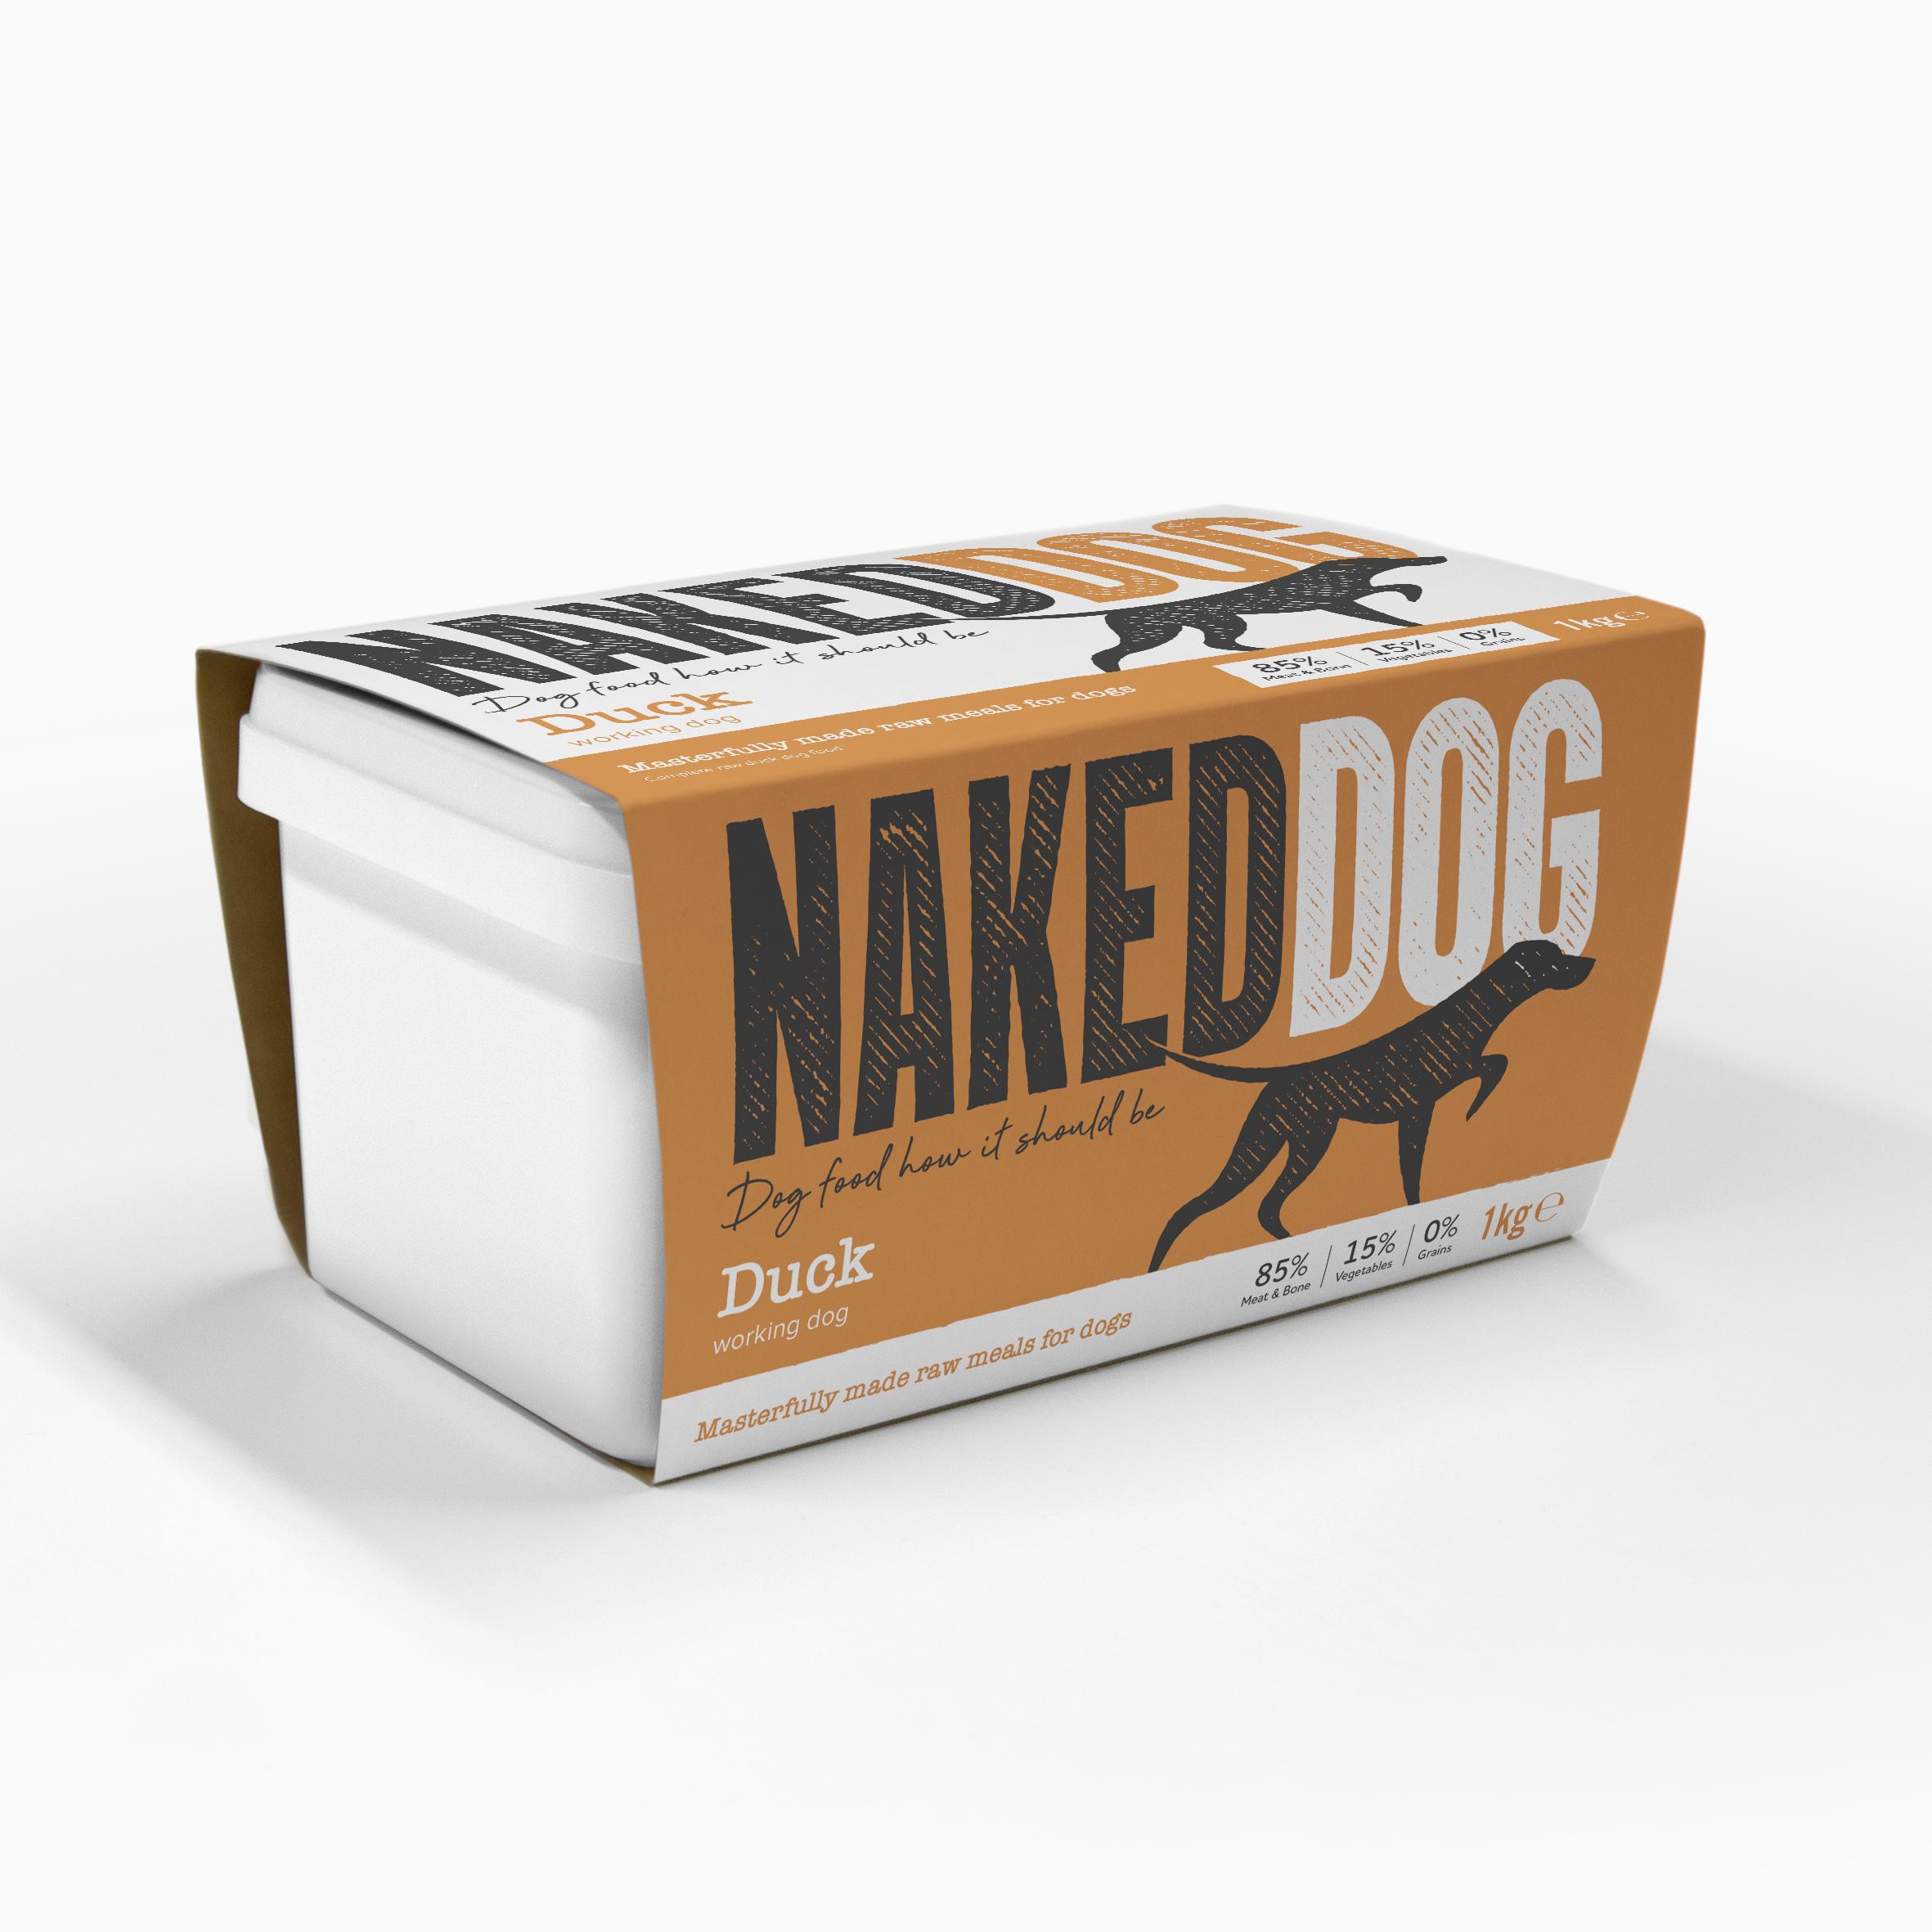 Naked Dog_product image-1kg pack_Duck.jp